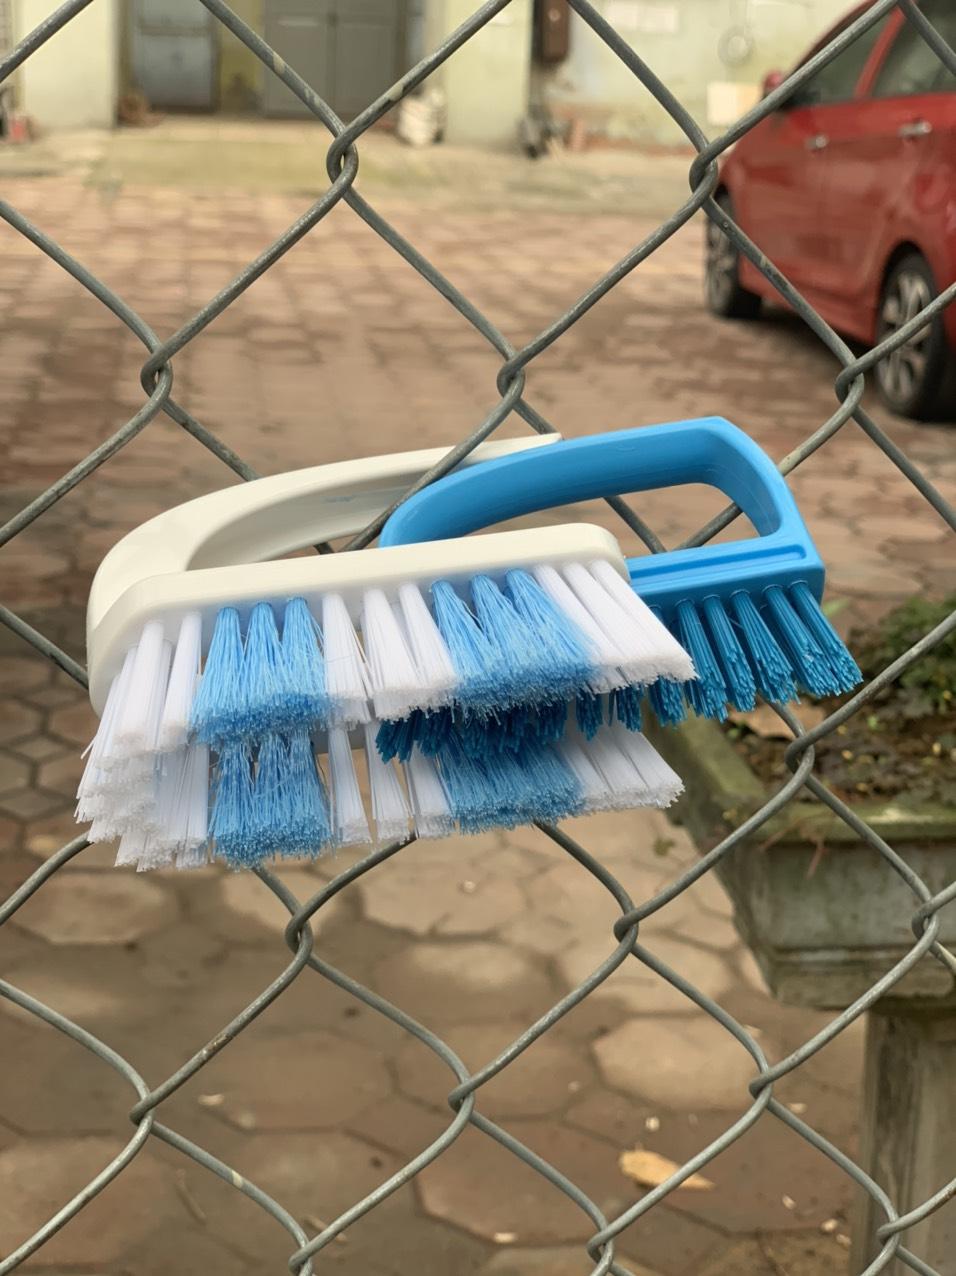 Bàn chải giặt quần áo có quai cầm tiện dụng - Nội địa Nhật Bản